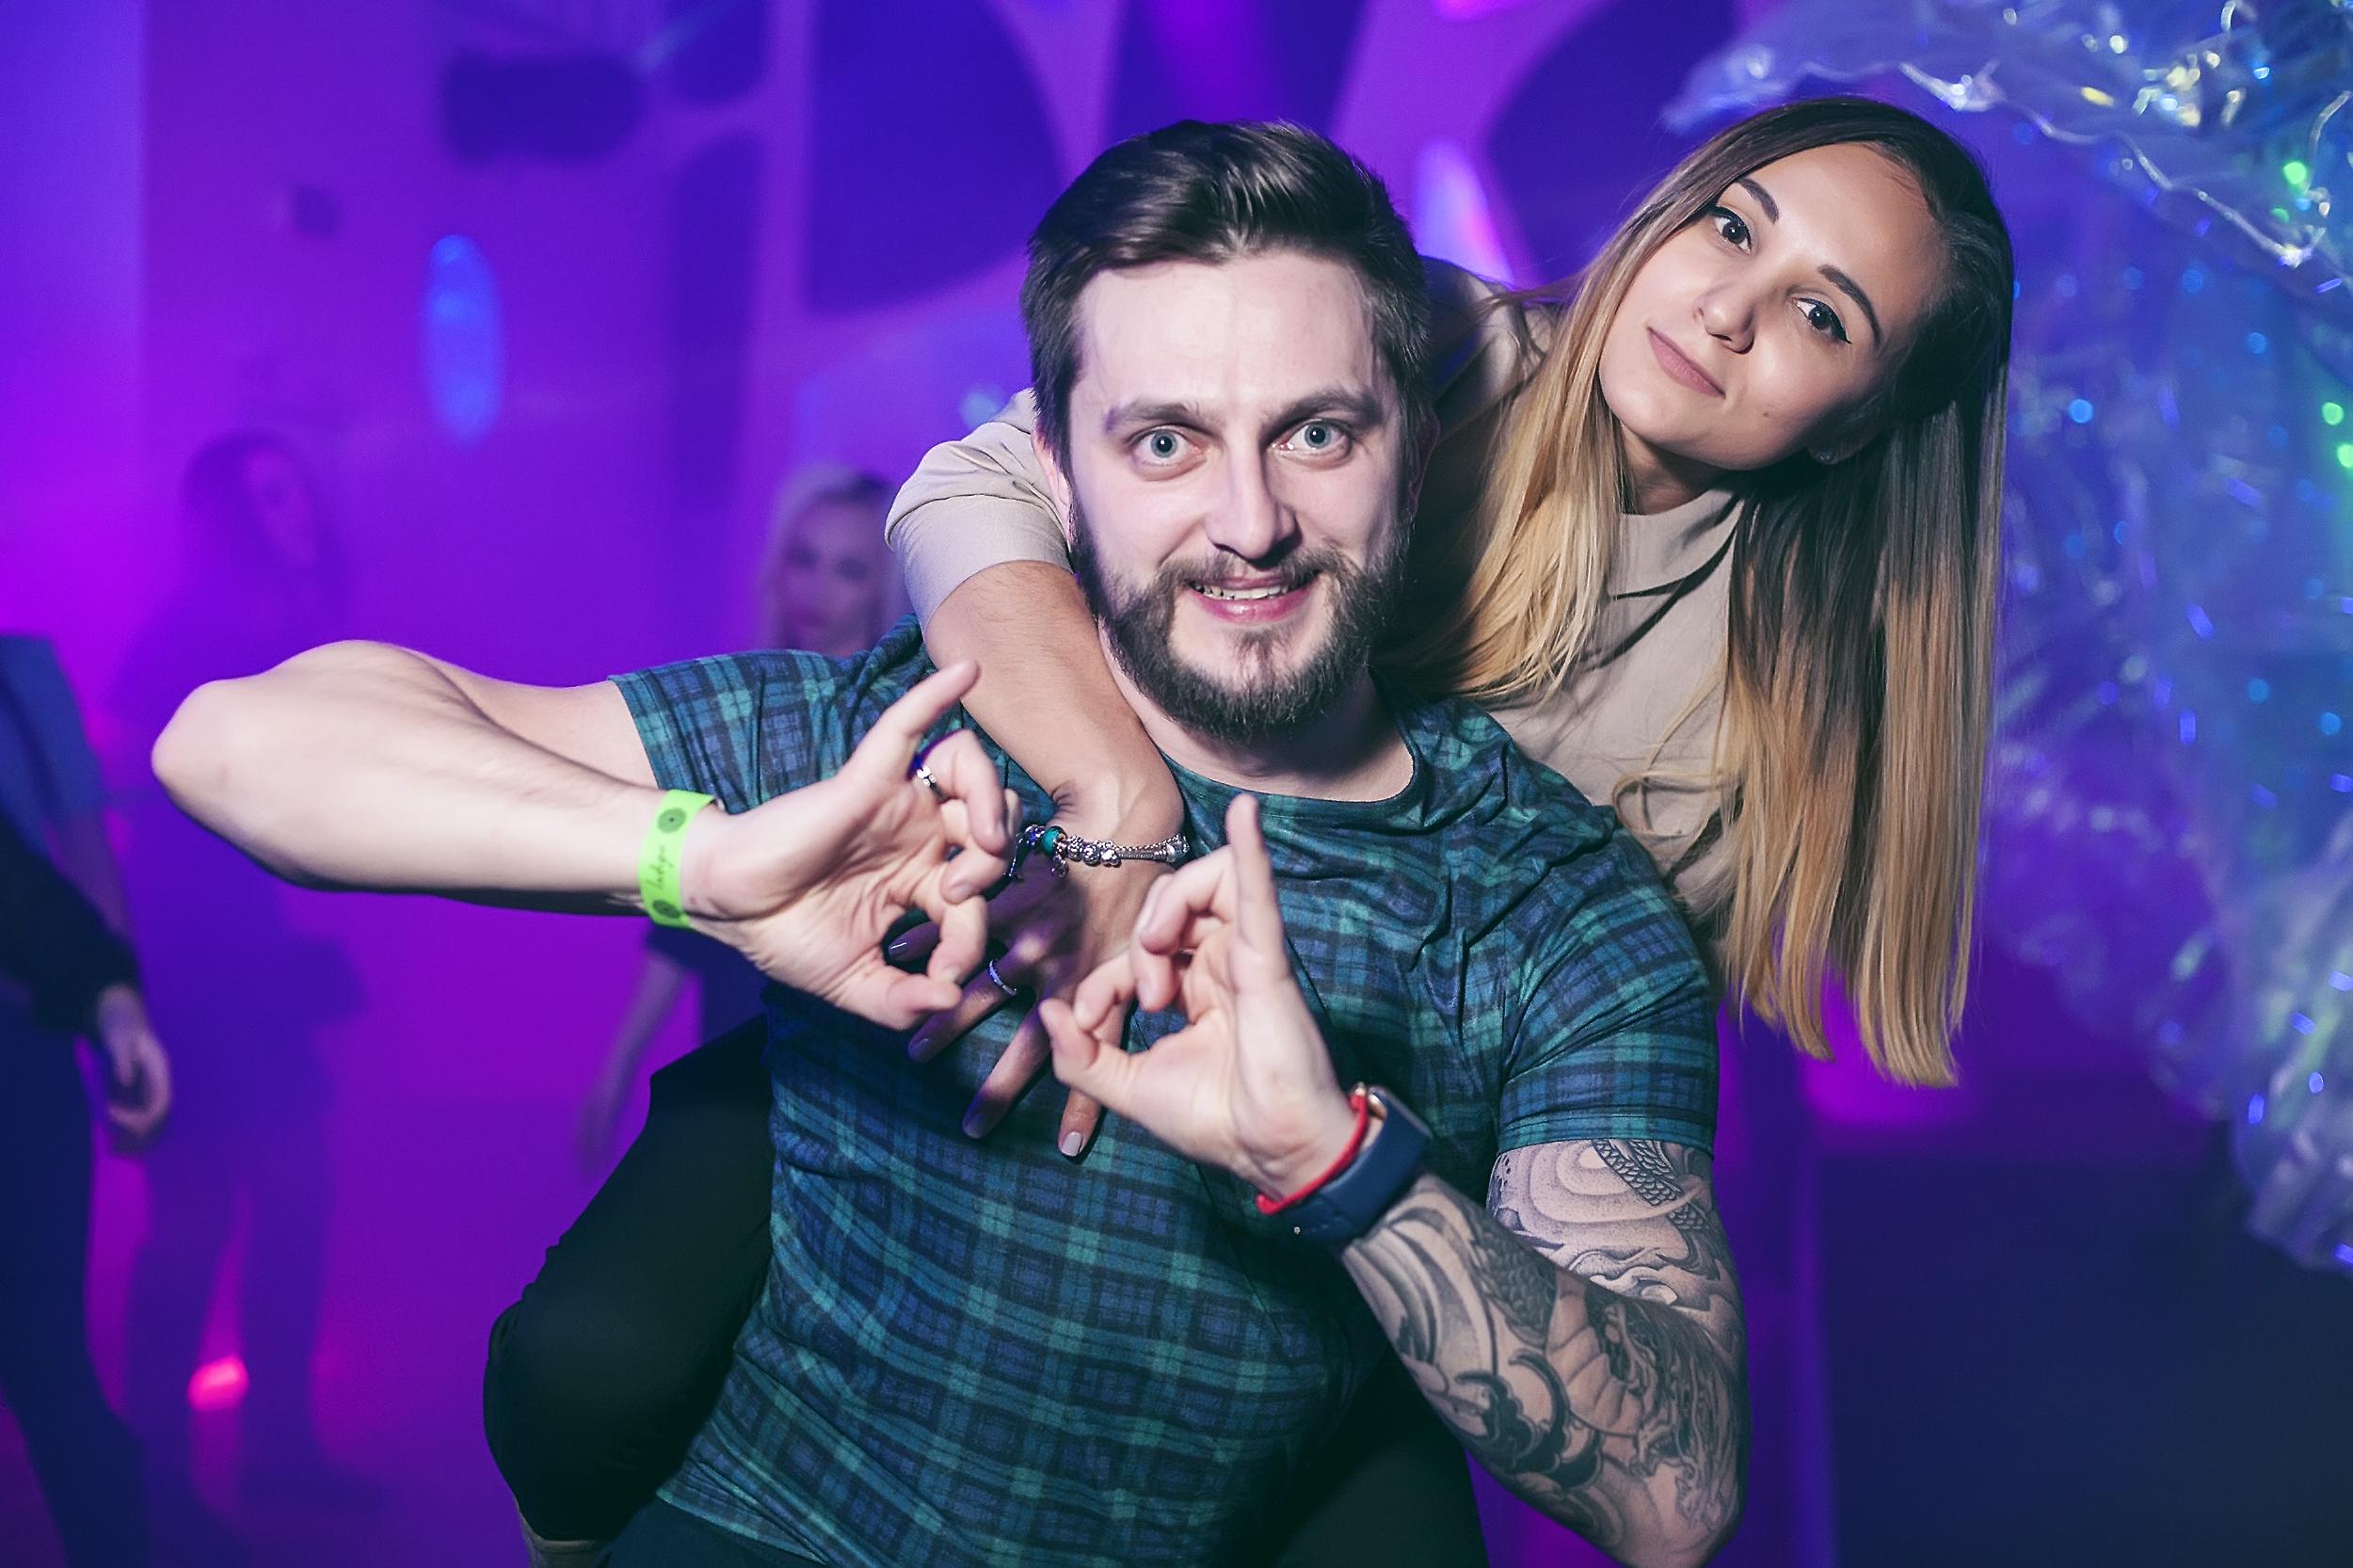 Фото Фотограф/мероприятия/вечеринки/свадьбы/события/портрет/люди, вся Украина 2